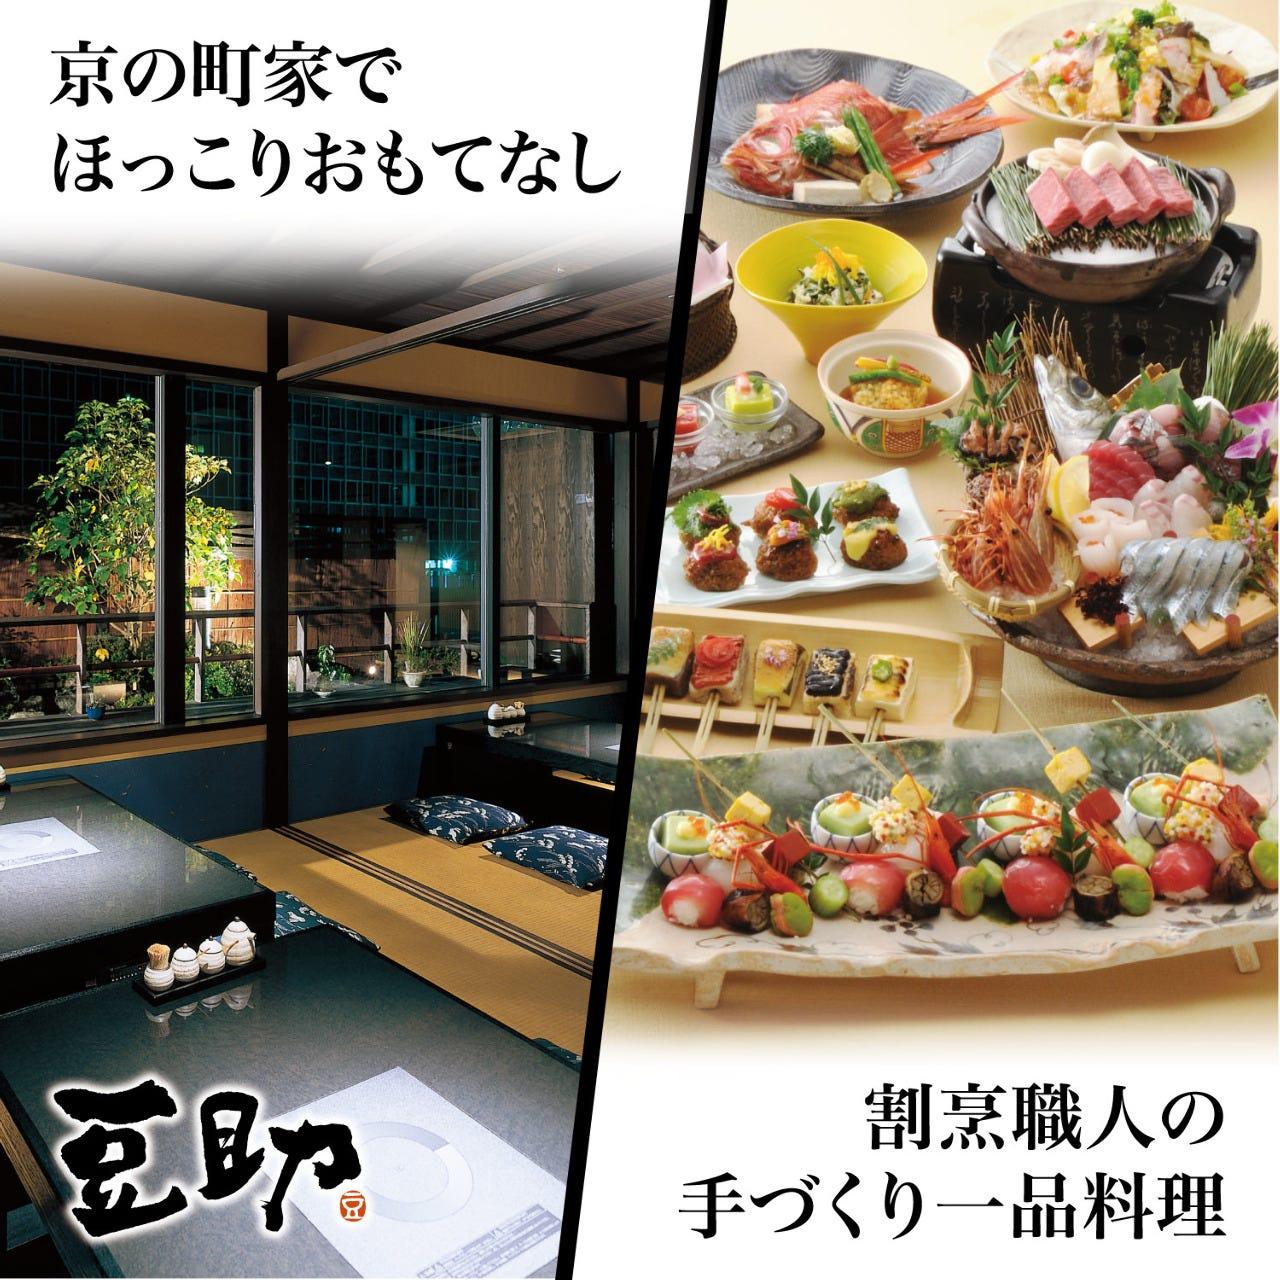 マルビル大酒場 豆助 梅田マルビル店